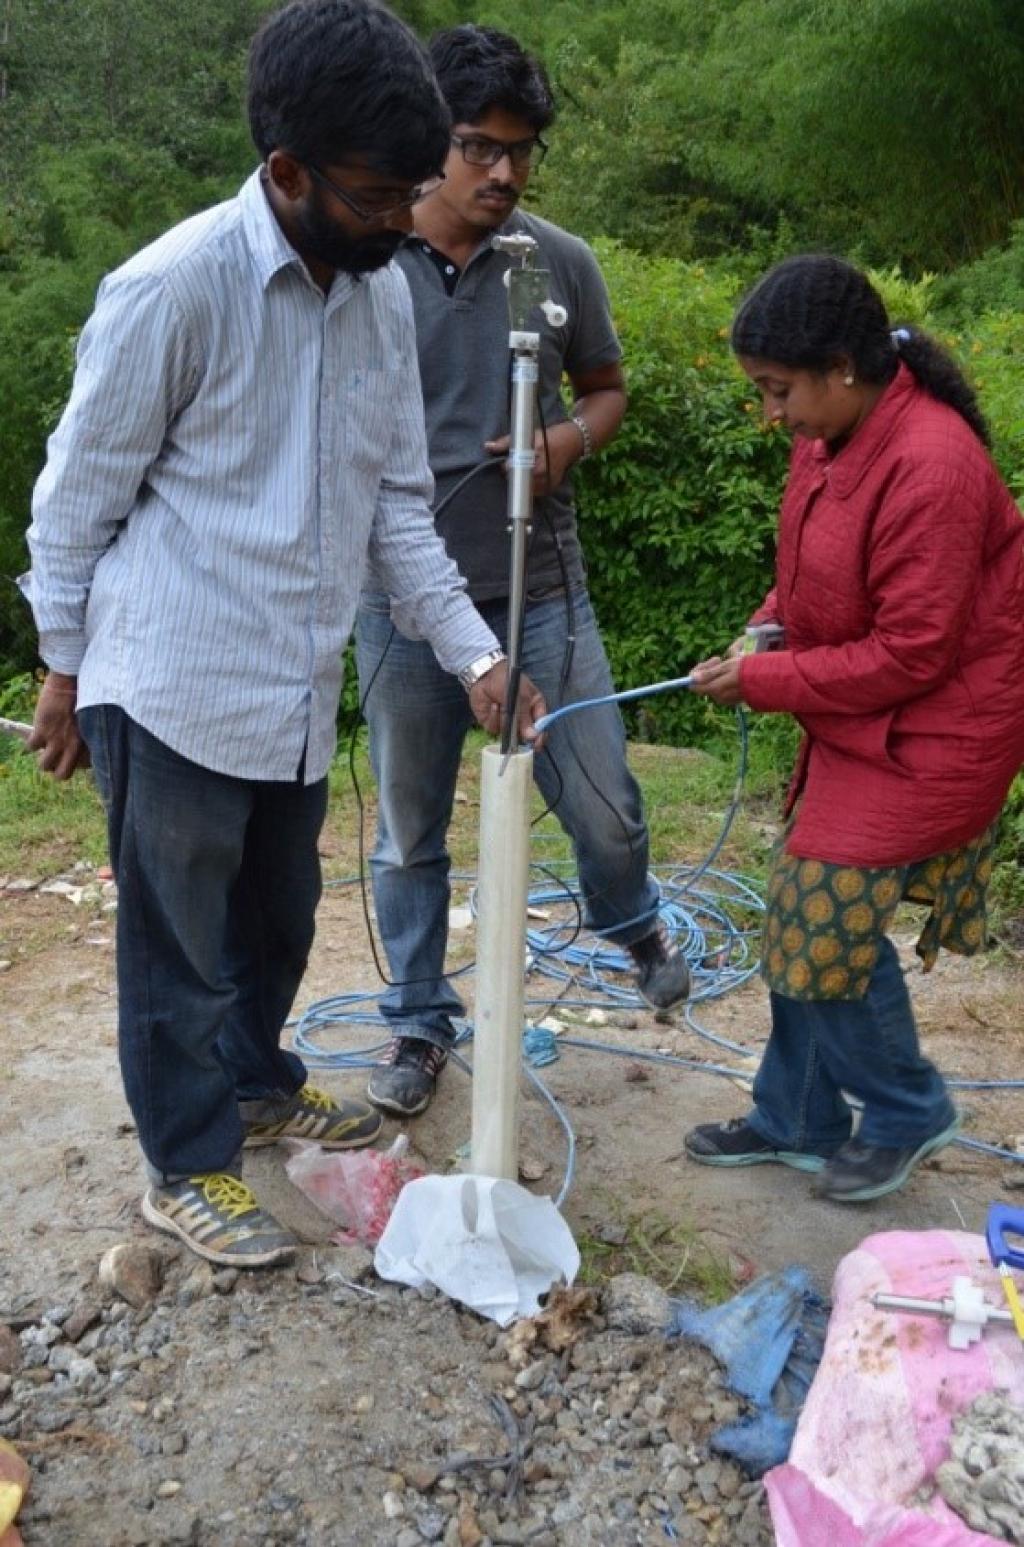 सिक्किम के चांदमरी गांव में पूर्व चेतावनी तंत्र स्थापित करते हुए शोधकर्ता